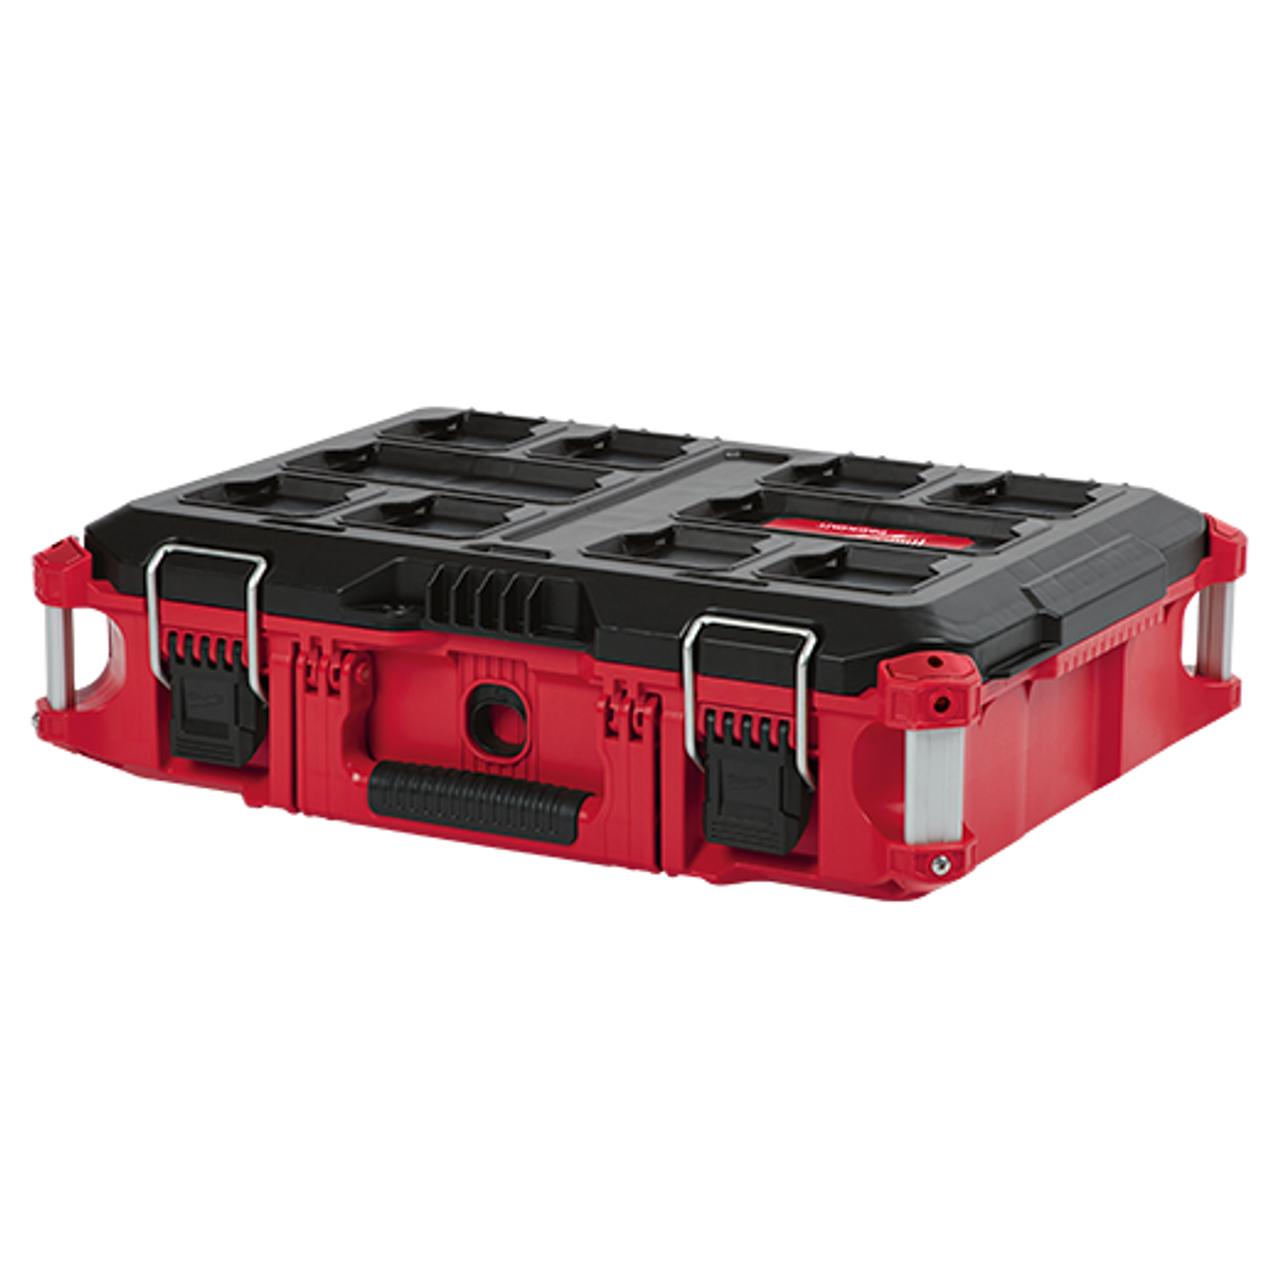 9e71b5aeaaf Milwaukee 48-22-8424 PACKOUT Tool box - Atlas-Machinery Ltd.